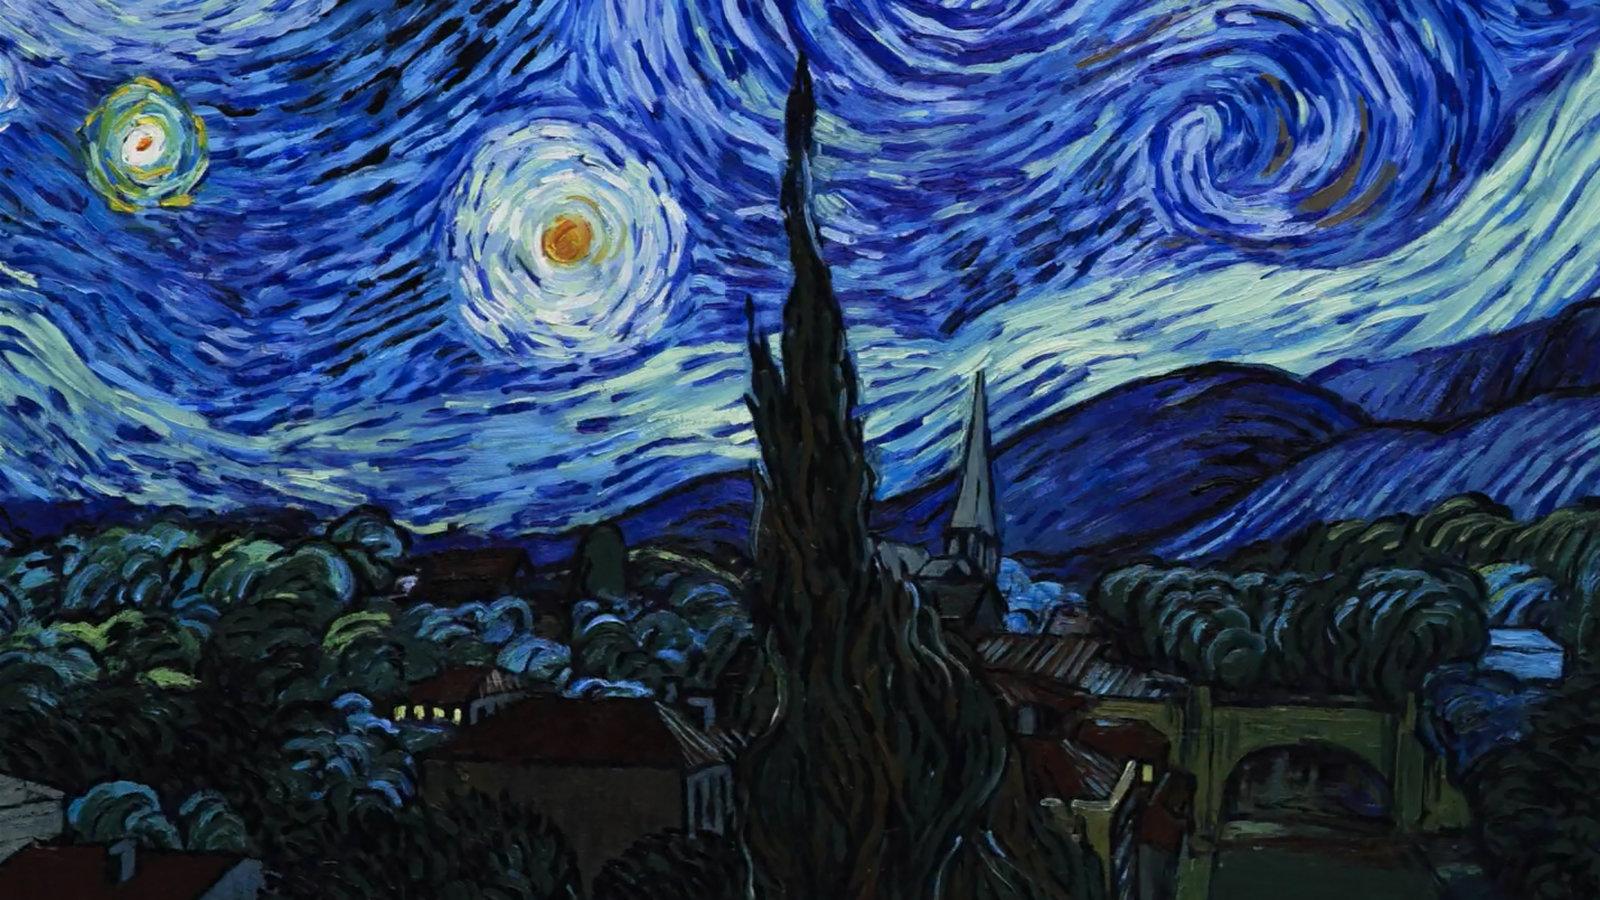 Critica Com Amor Van Gogh 2017 De Dorota Kobiela E Hugh